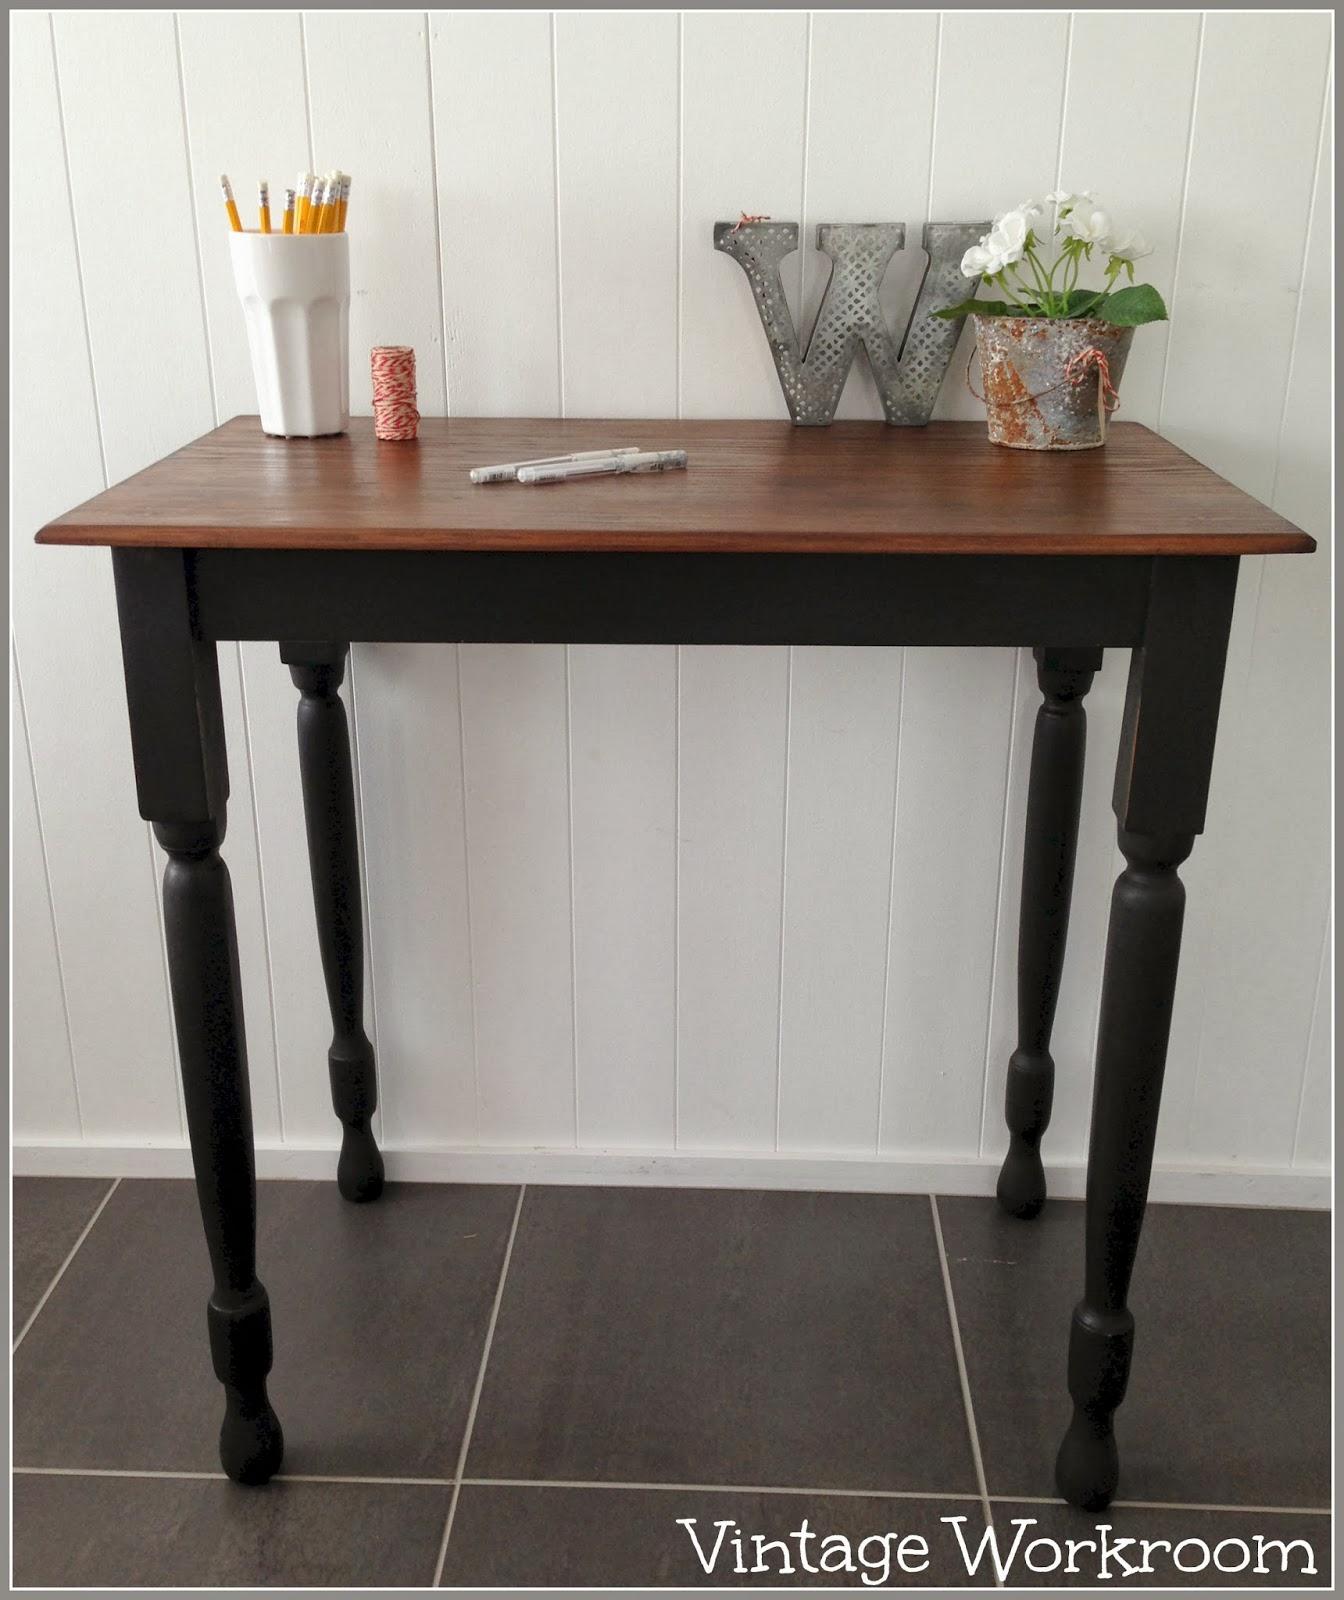 Vintage Workroom Vintage Hall table